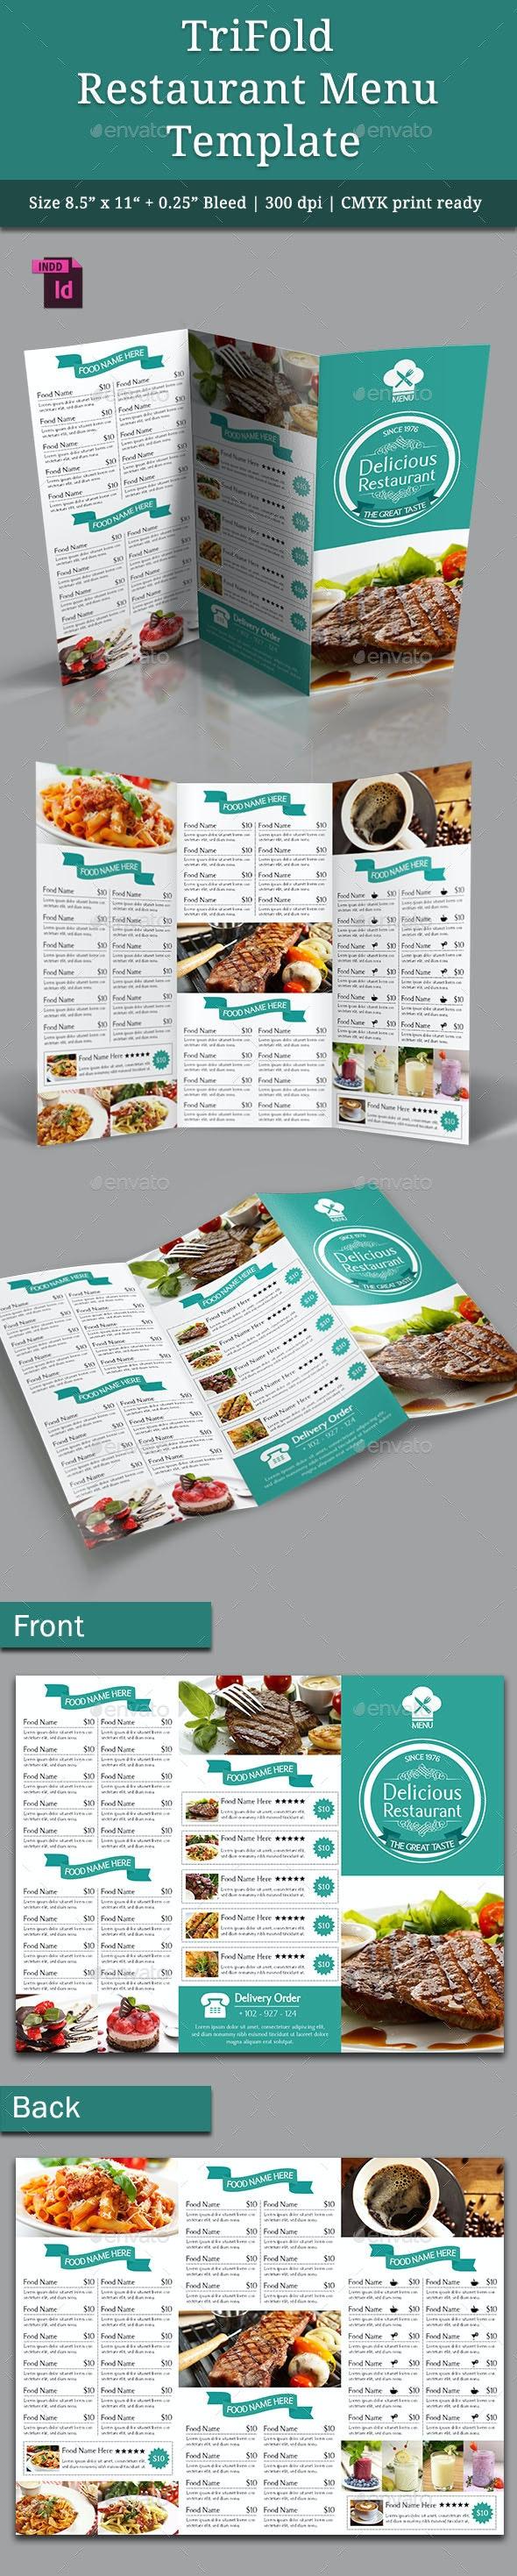 TriFold Restaurant Menu Template Vol. 4